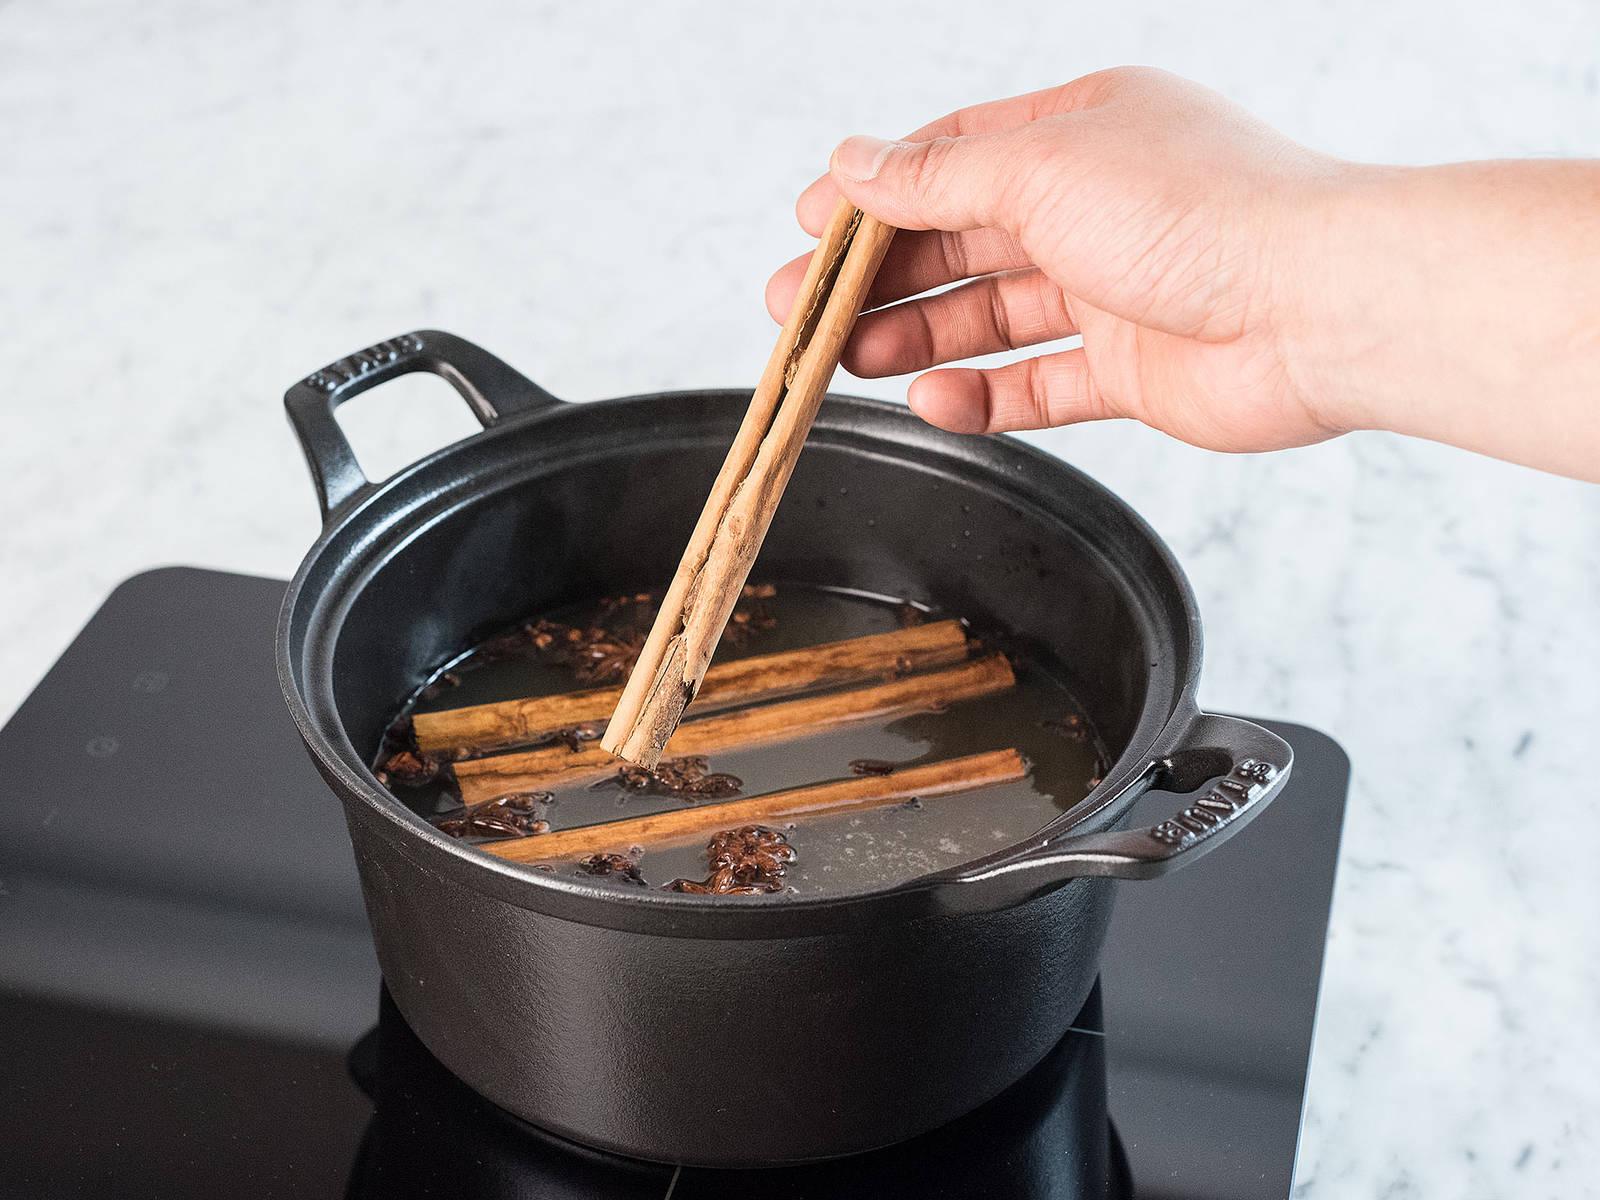 Apfelsaft, Gewürznelken, Staranise, Zimtstangen und Wodka in einen Topf geben, verrühren und über mittlerer Hitze erwärmen.